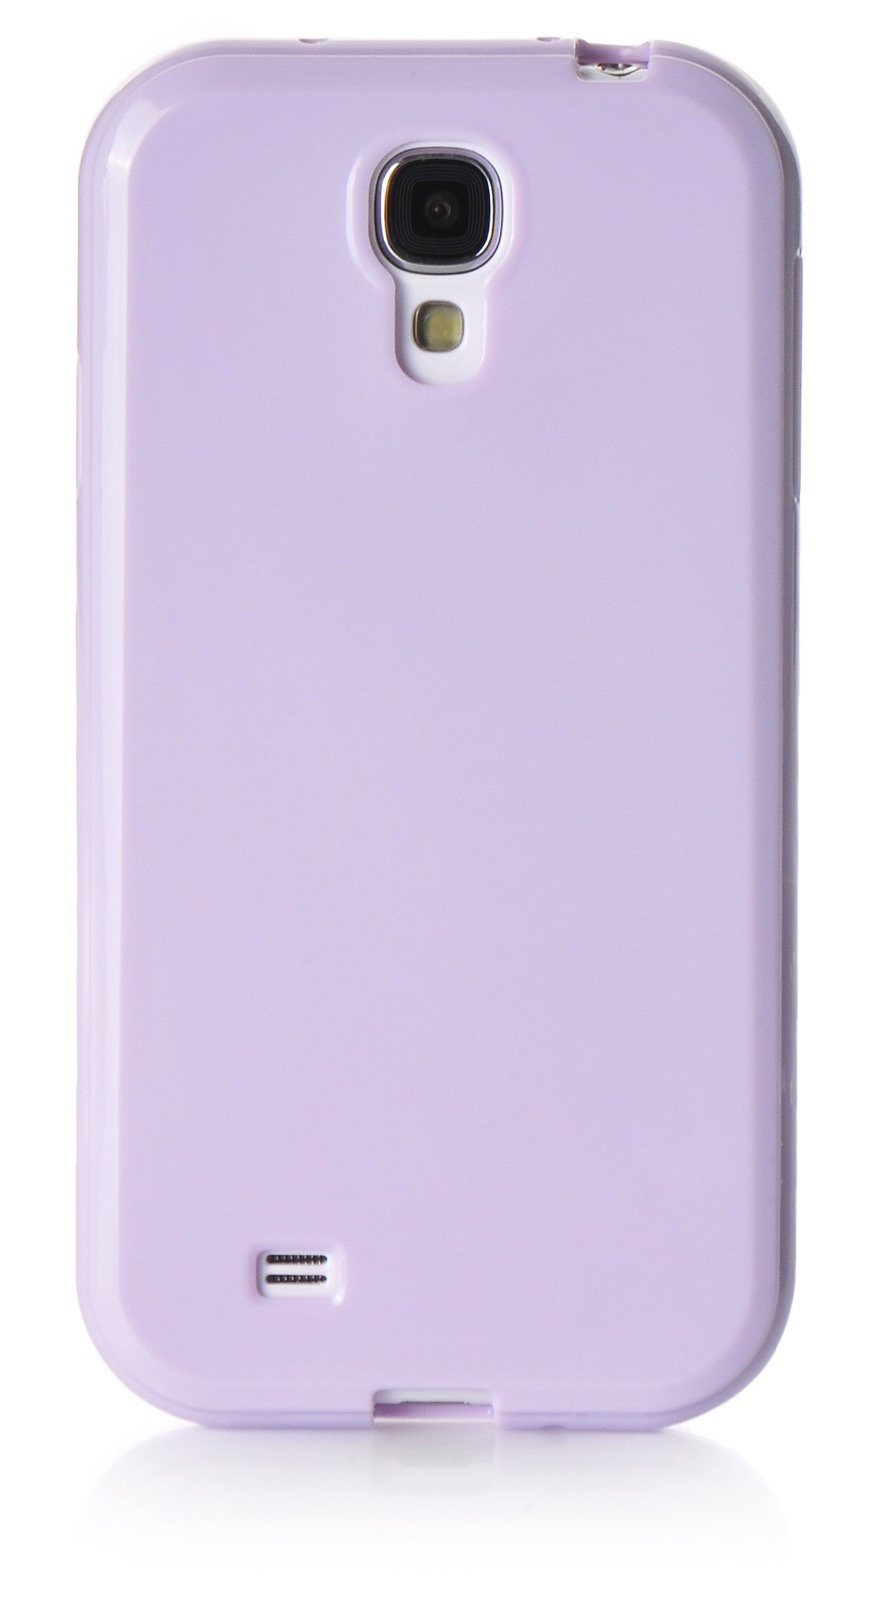 Чехол для сотового телефона iNeez накладка силикон мыльница 450173 для Samsung Galaxy S4, сиреневый